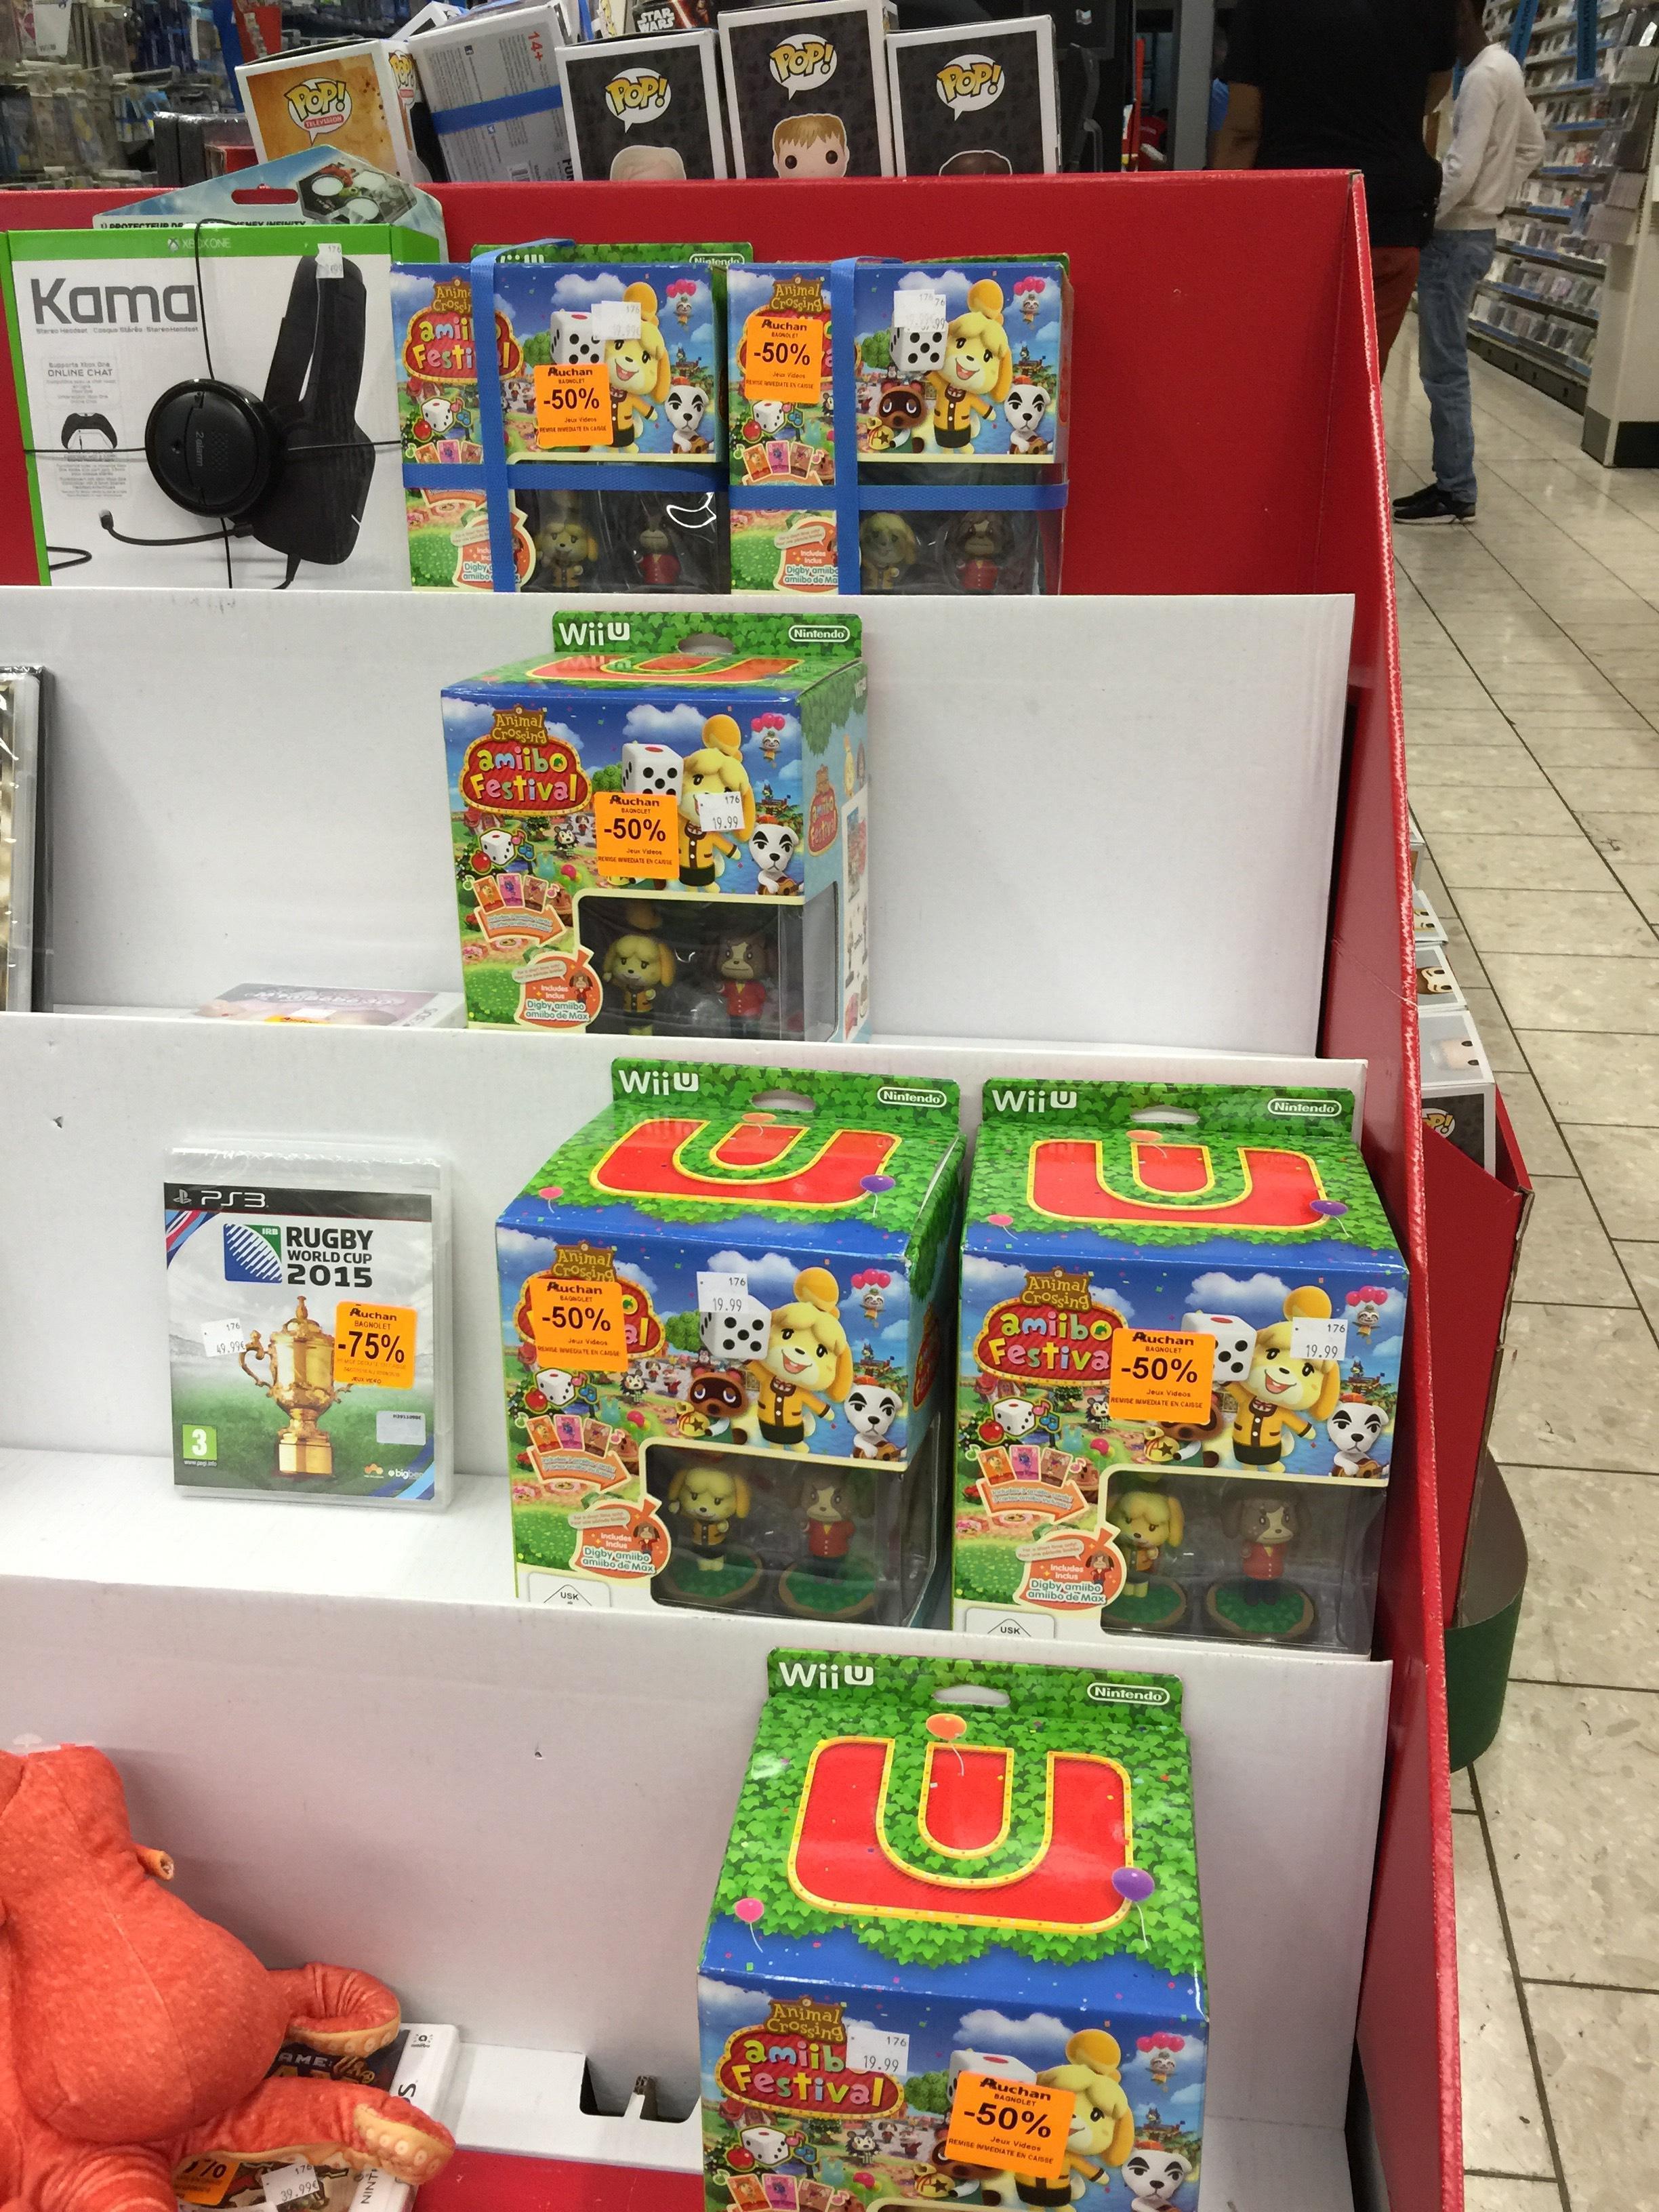 Jeu Amiibo festival sur Nintendo Wii U